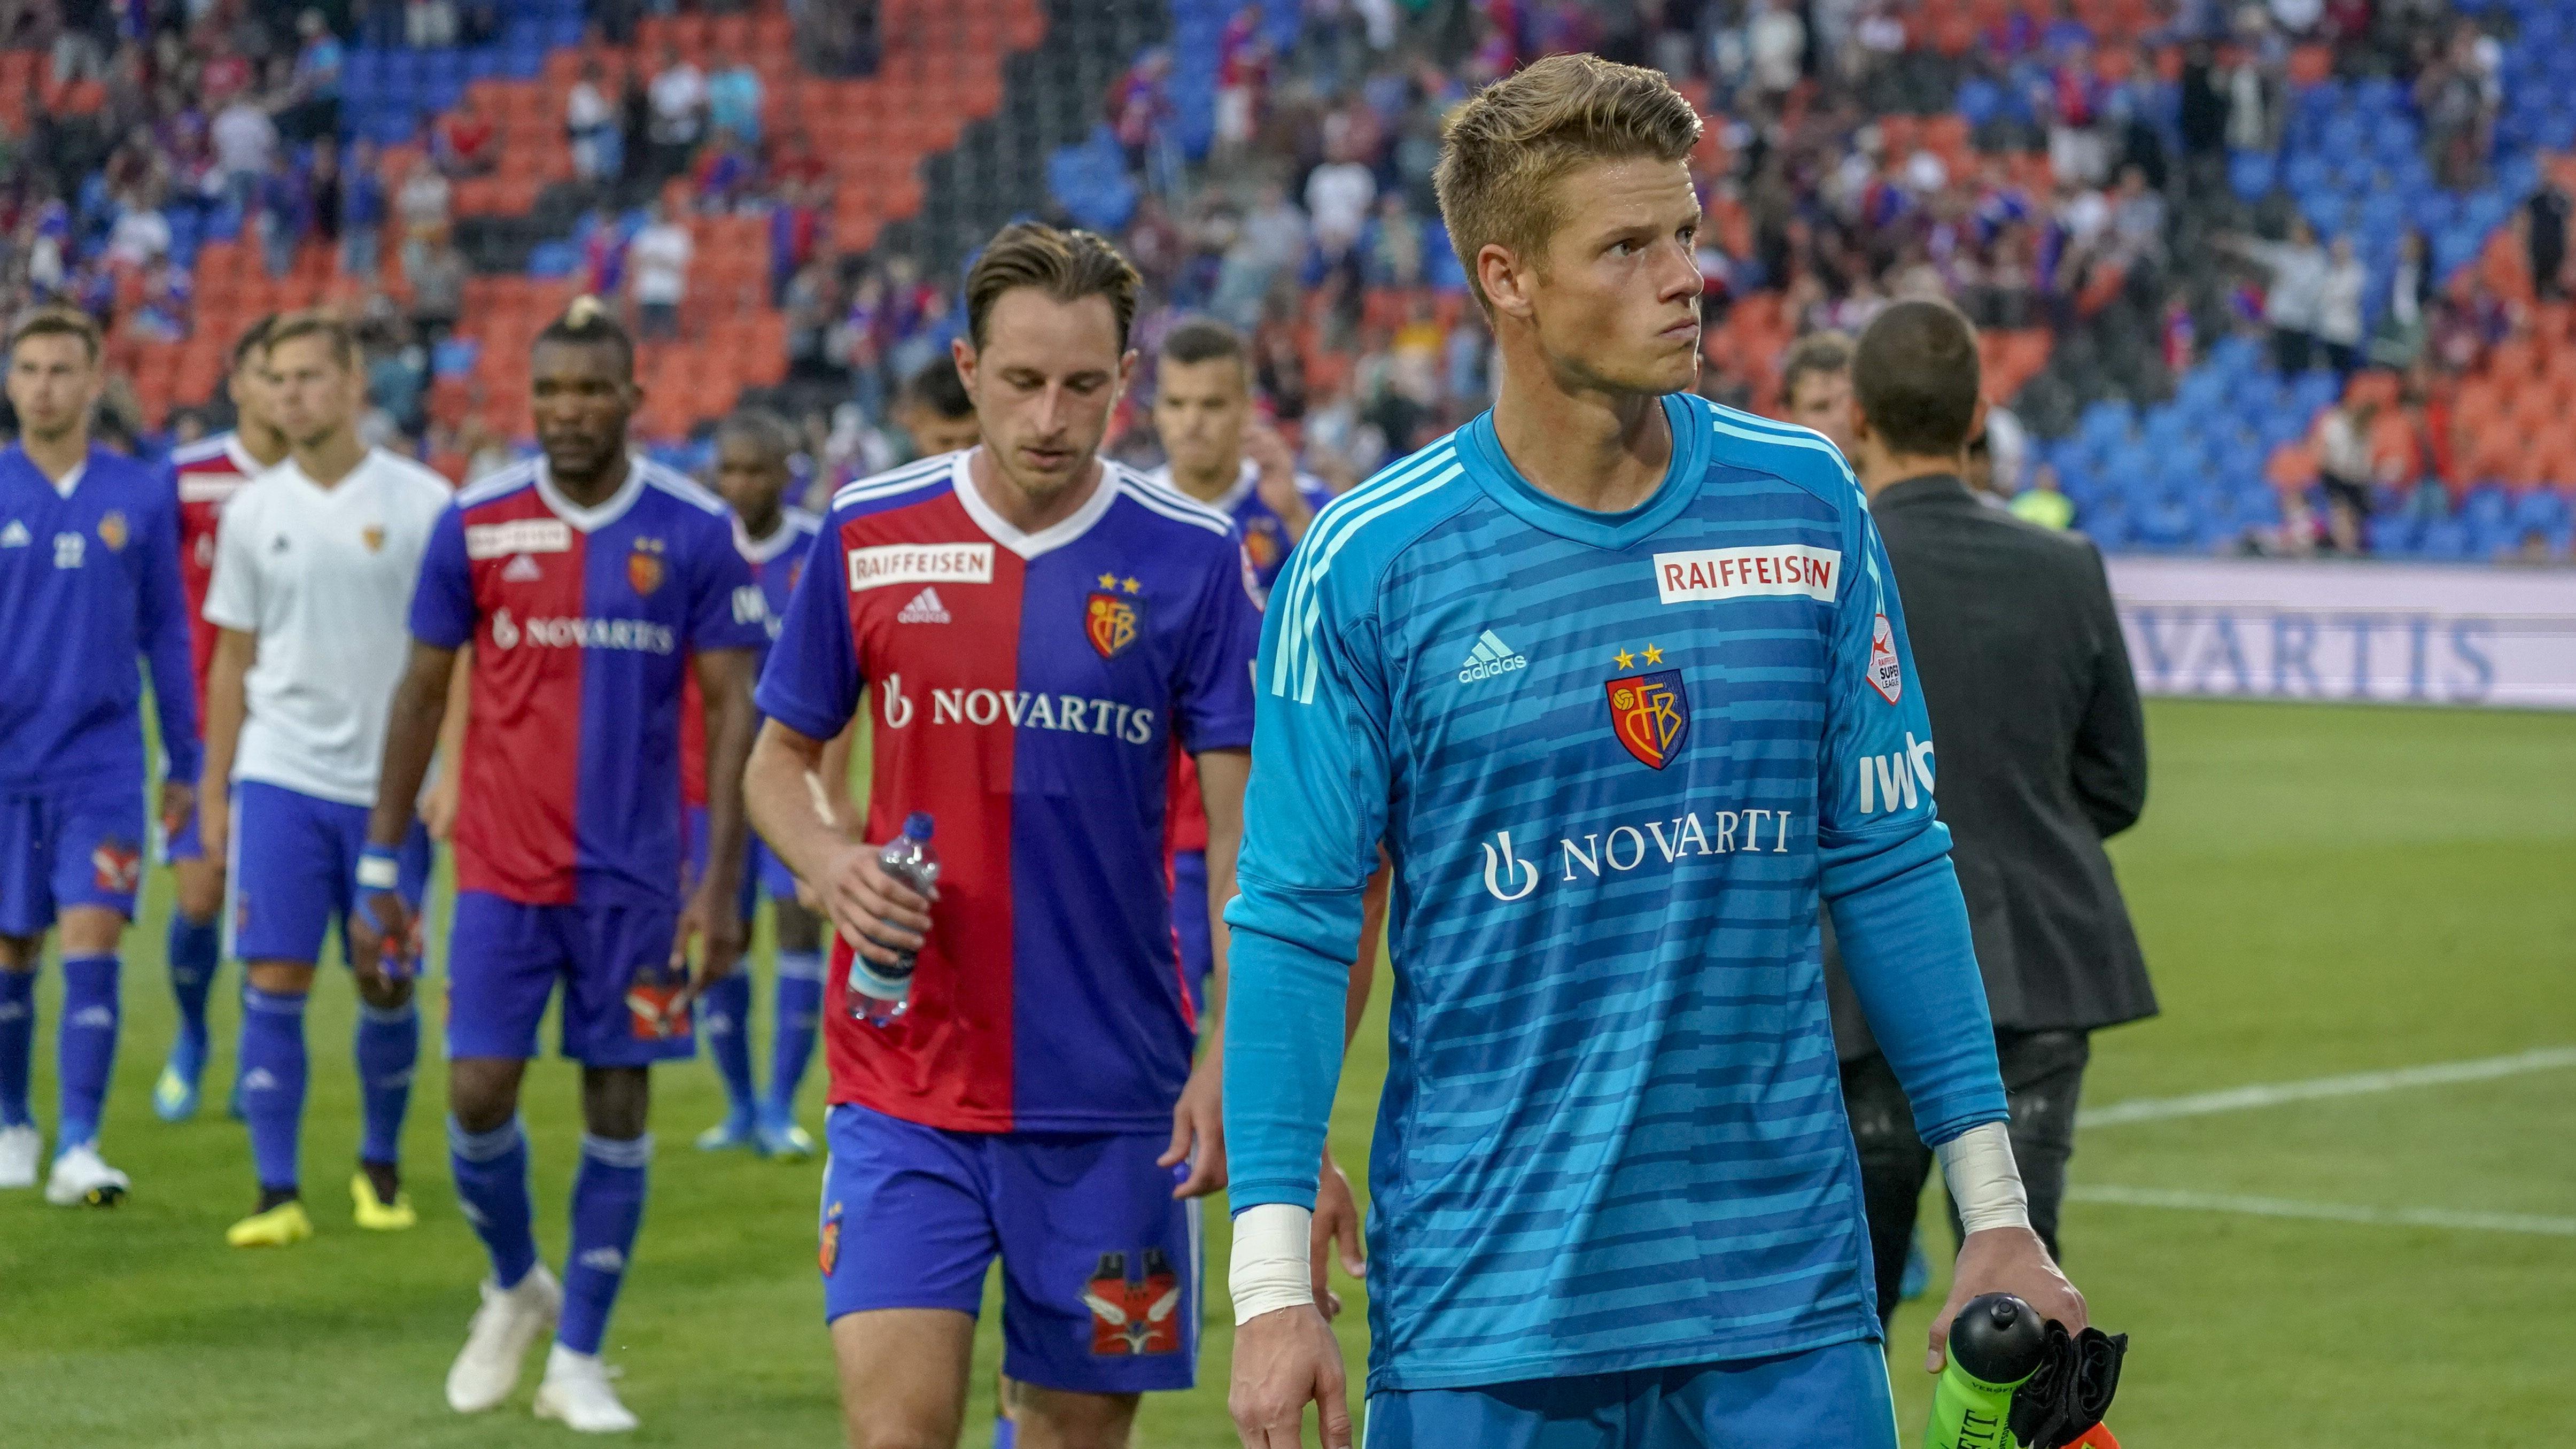 21.07.2018; Basel; FUSSBALL SUPER LEAGUE - FC Basel - FC St.Gallen;Torhueter Jonas Omlin (Basel) enttaeuscht (Andy Mueller/